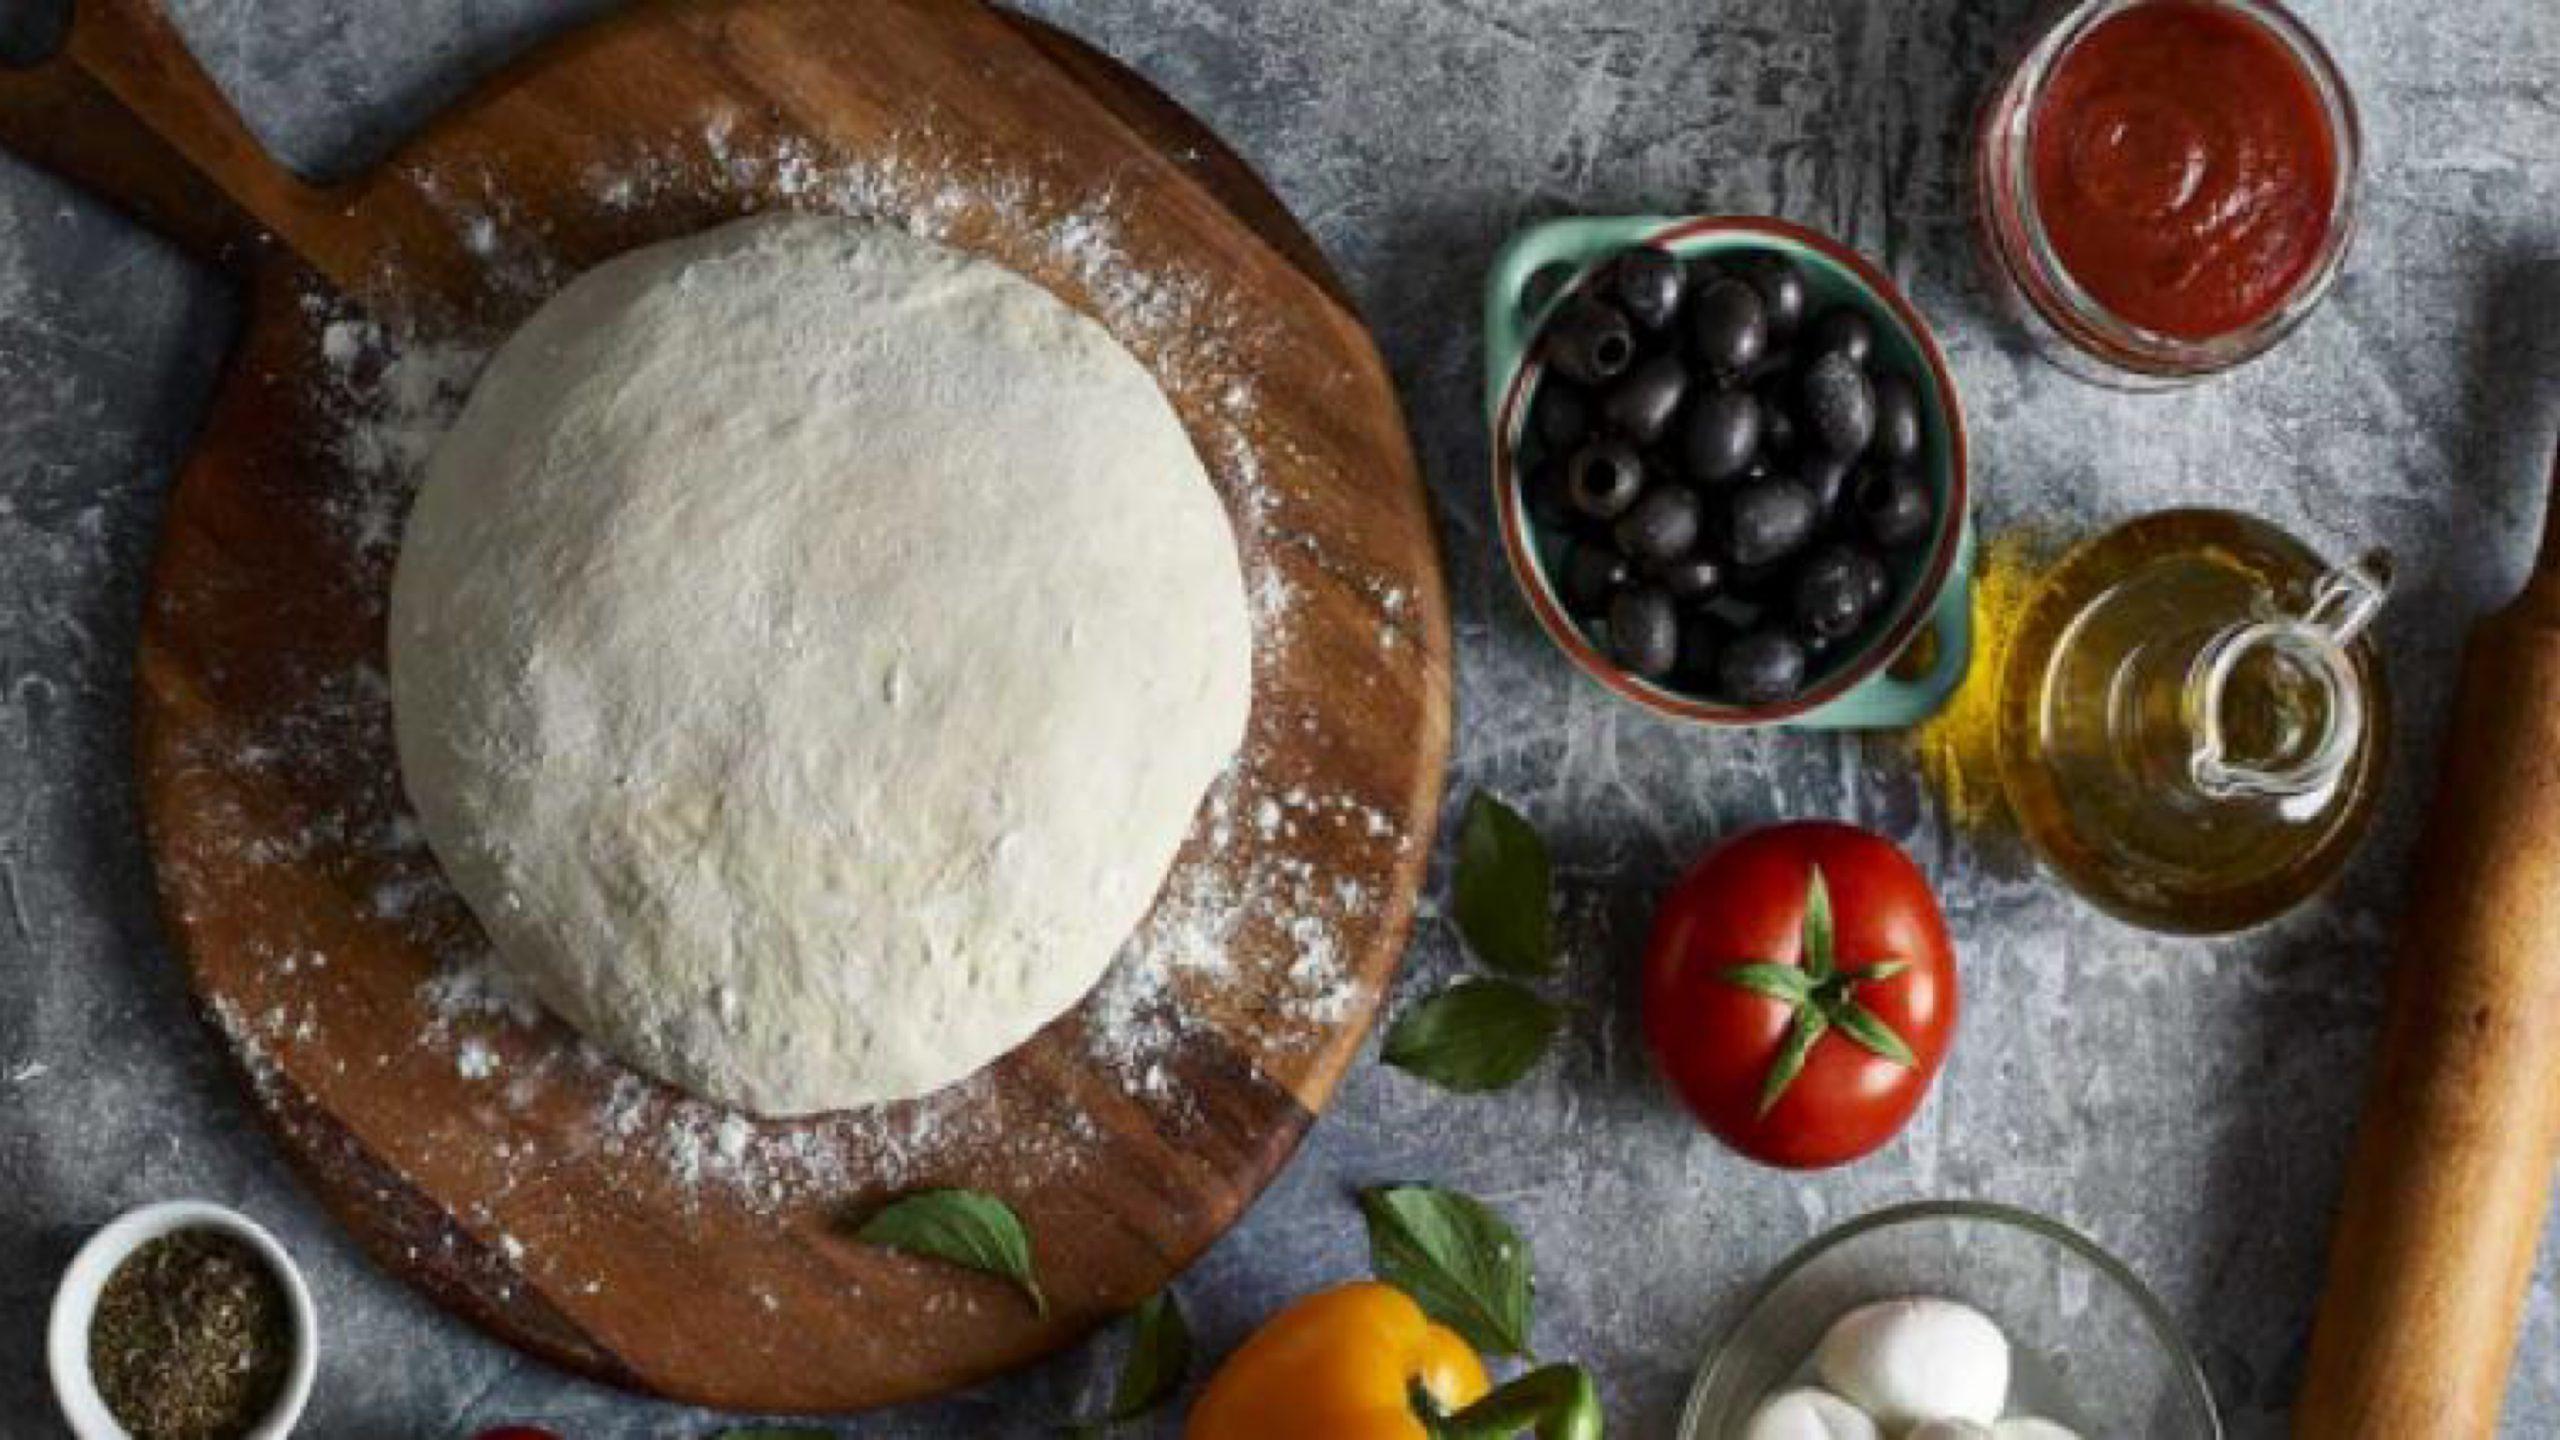 طريقة عمل عجينة البيتزا بمكونات متوفرة لدى الجميع